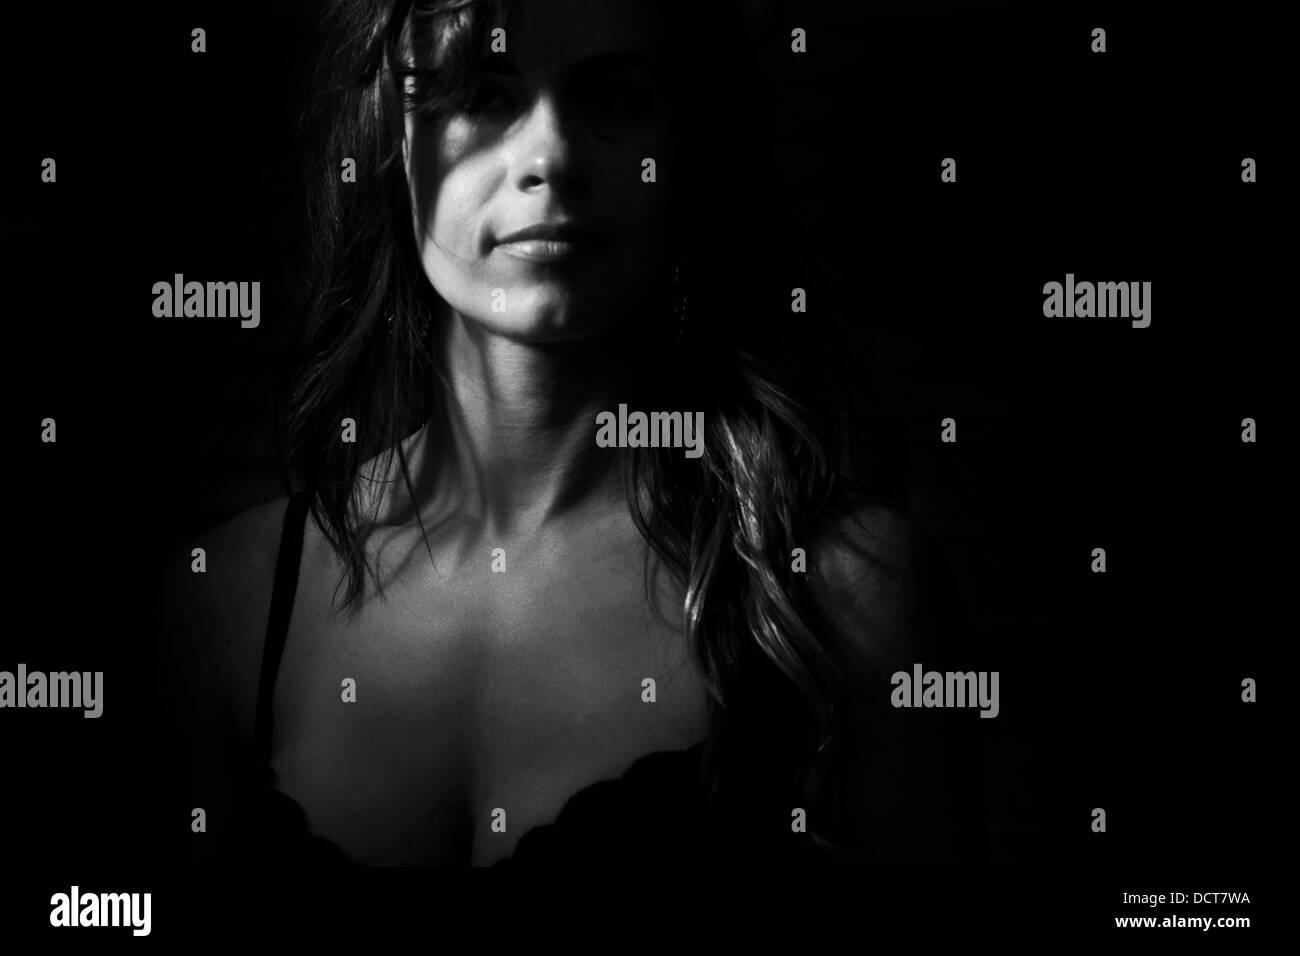 Schwarz / weiß geheimnisvolle Porträt Frau in BH Stockbild